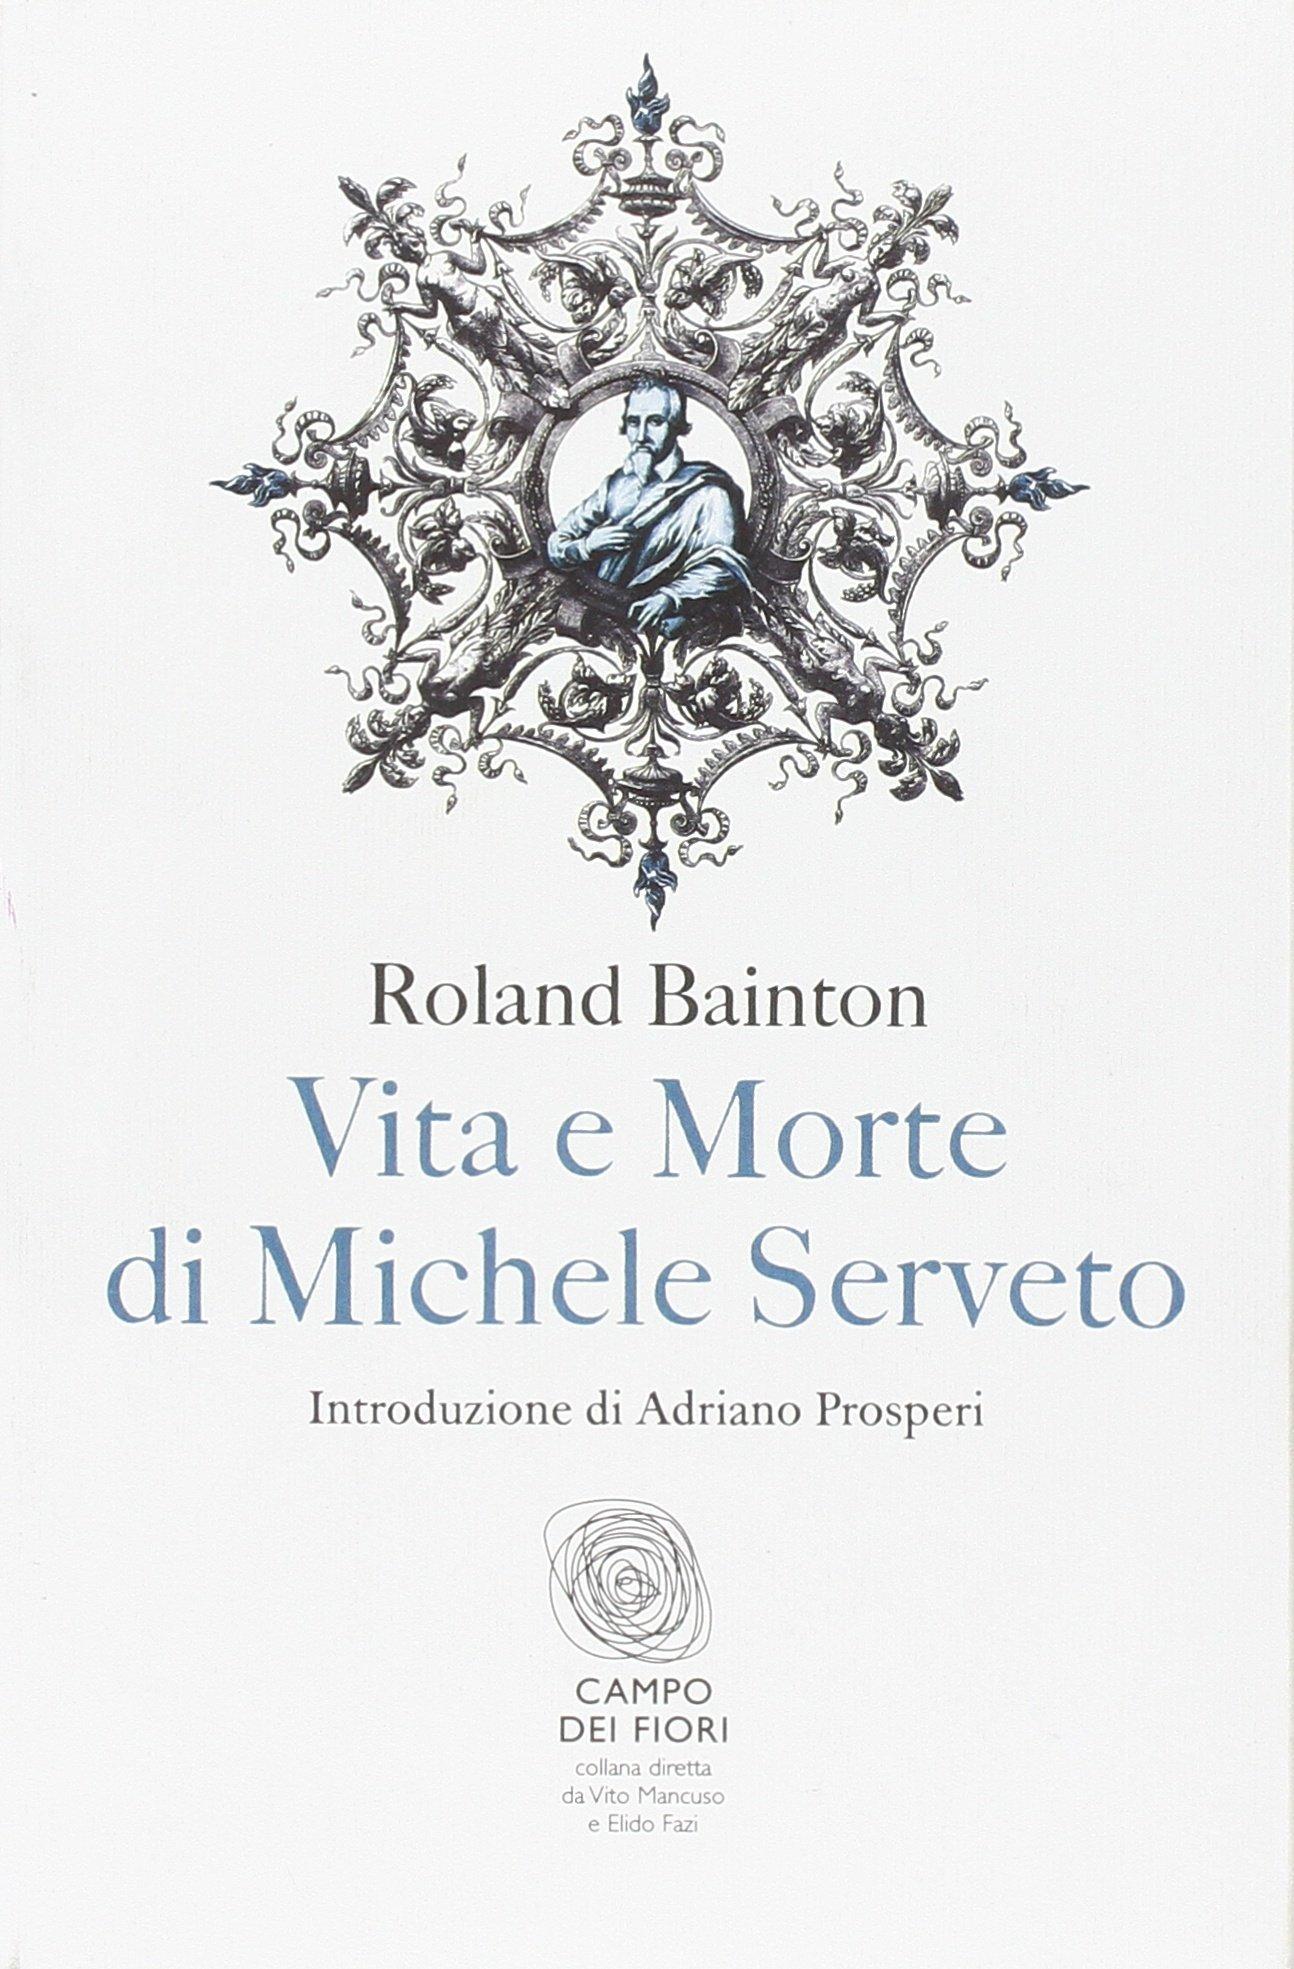 Vita e morte di Michele Serveto